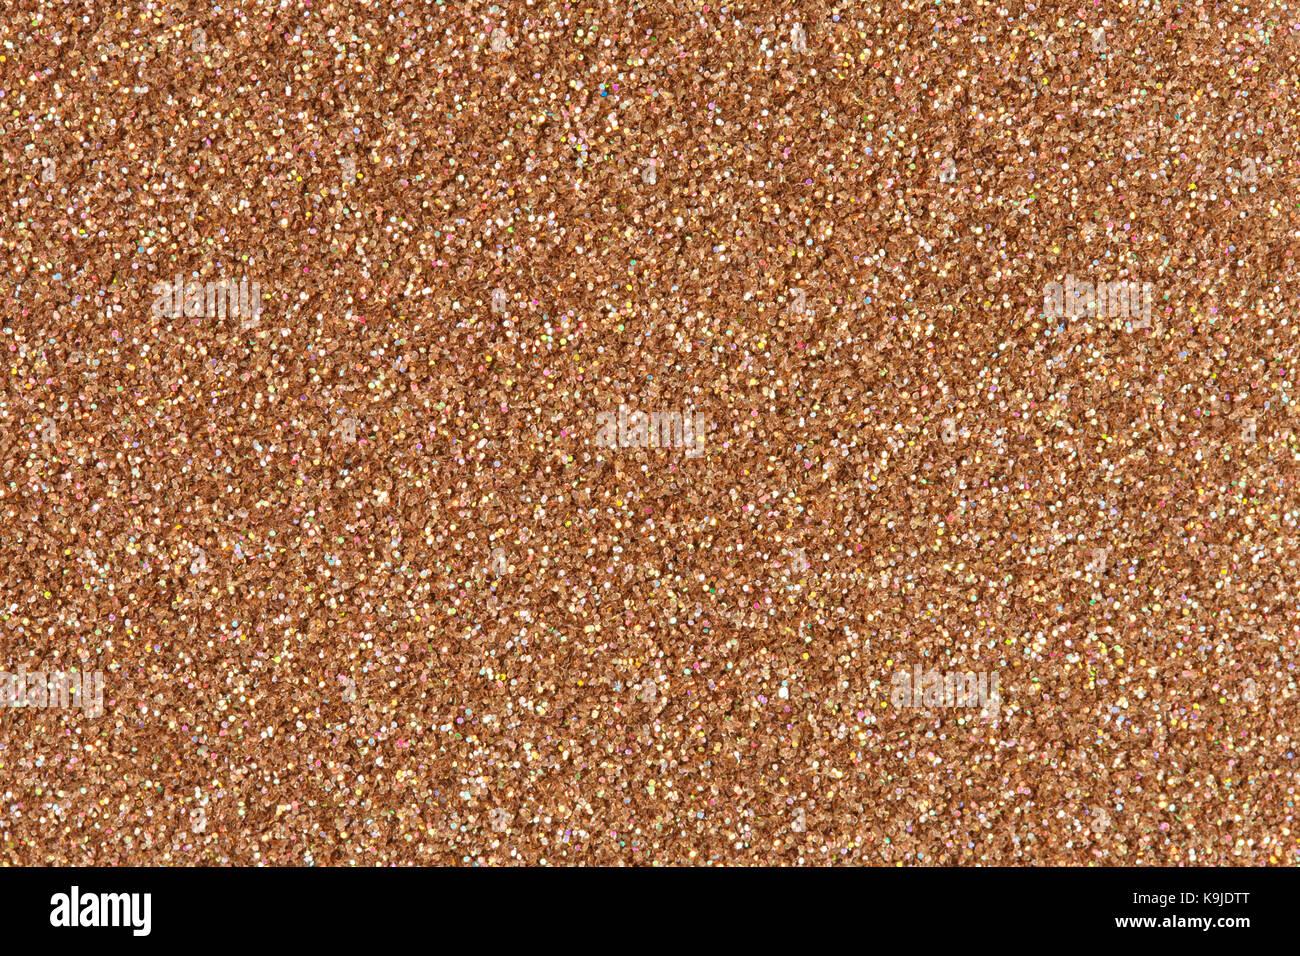 glitter wallpaper high resolution - photo #39